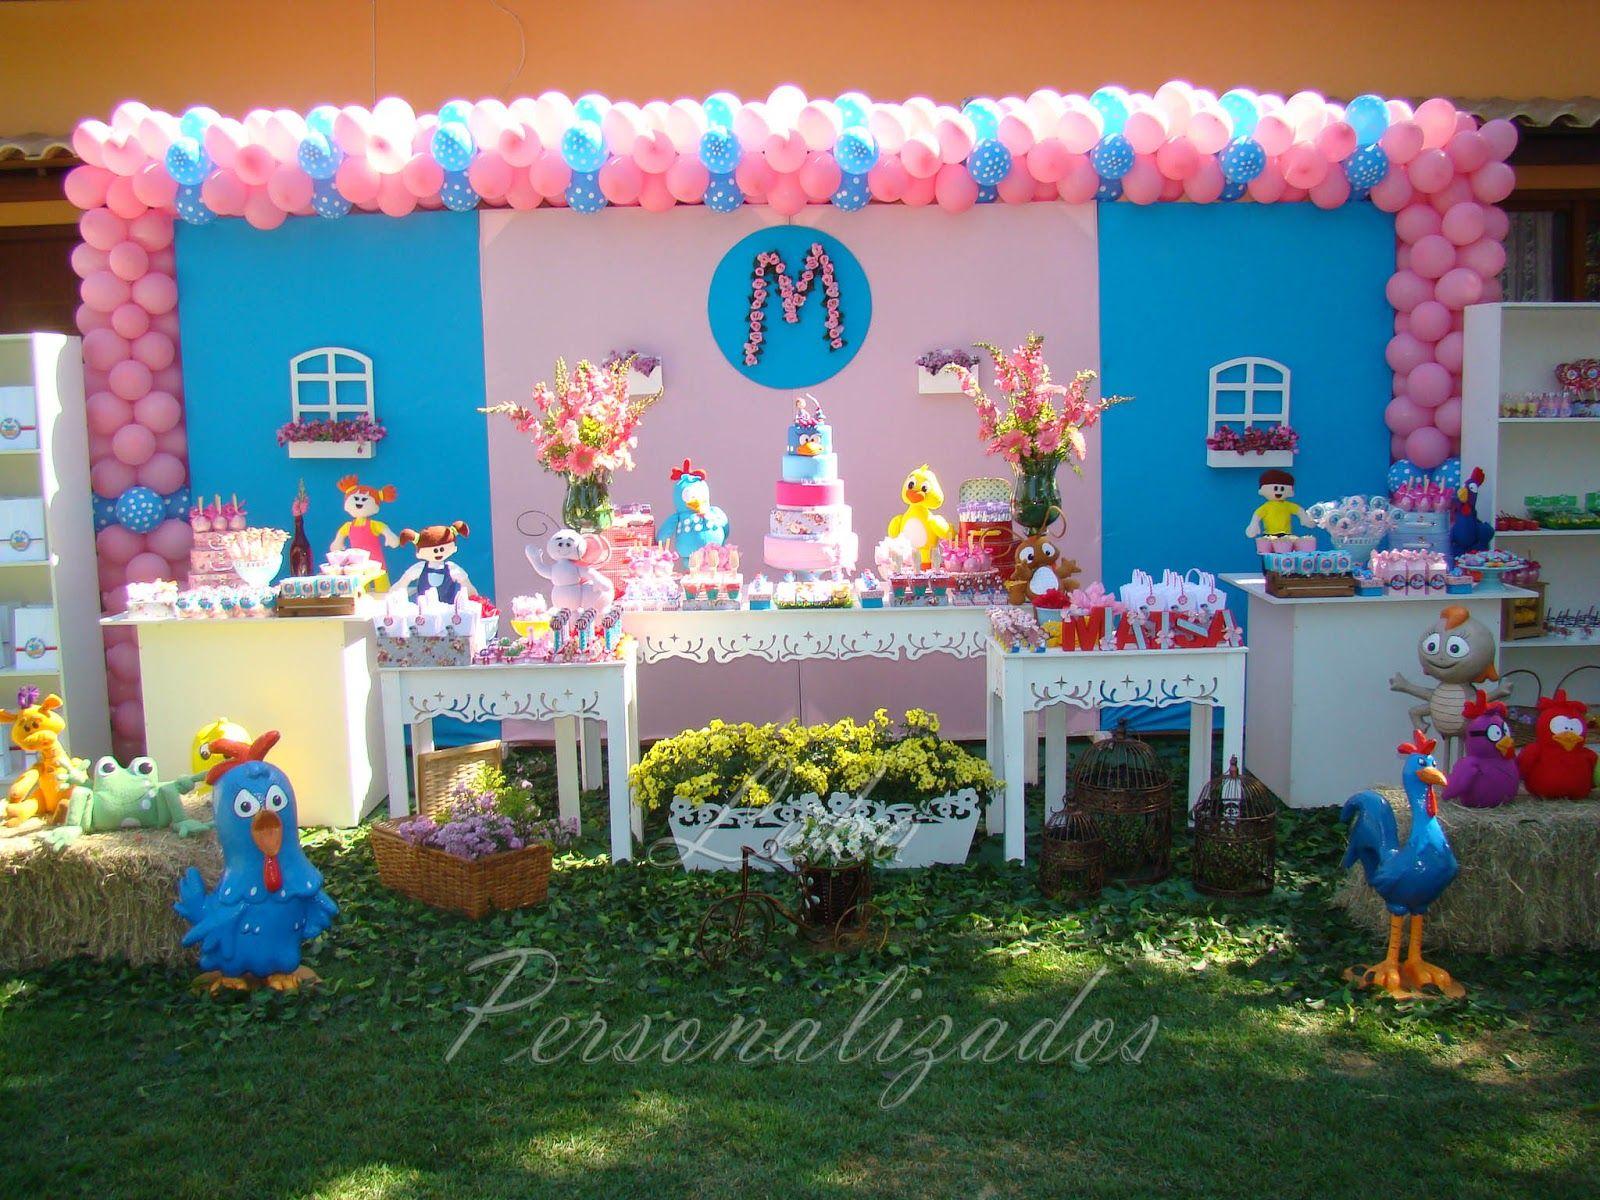 Leka Personalizados GALINHA PINTADINHA DA MA u00cdSA ROSA E AZUL Festas infantis Festa galinha  -> Decoração De Festa Galinha Pintadinha Rosa